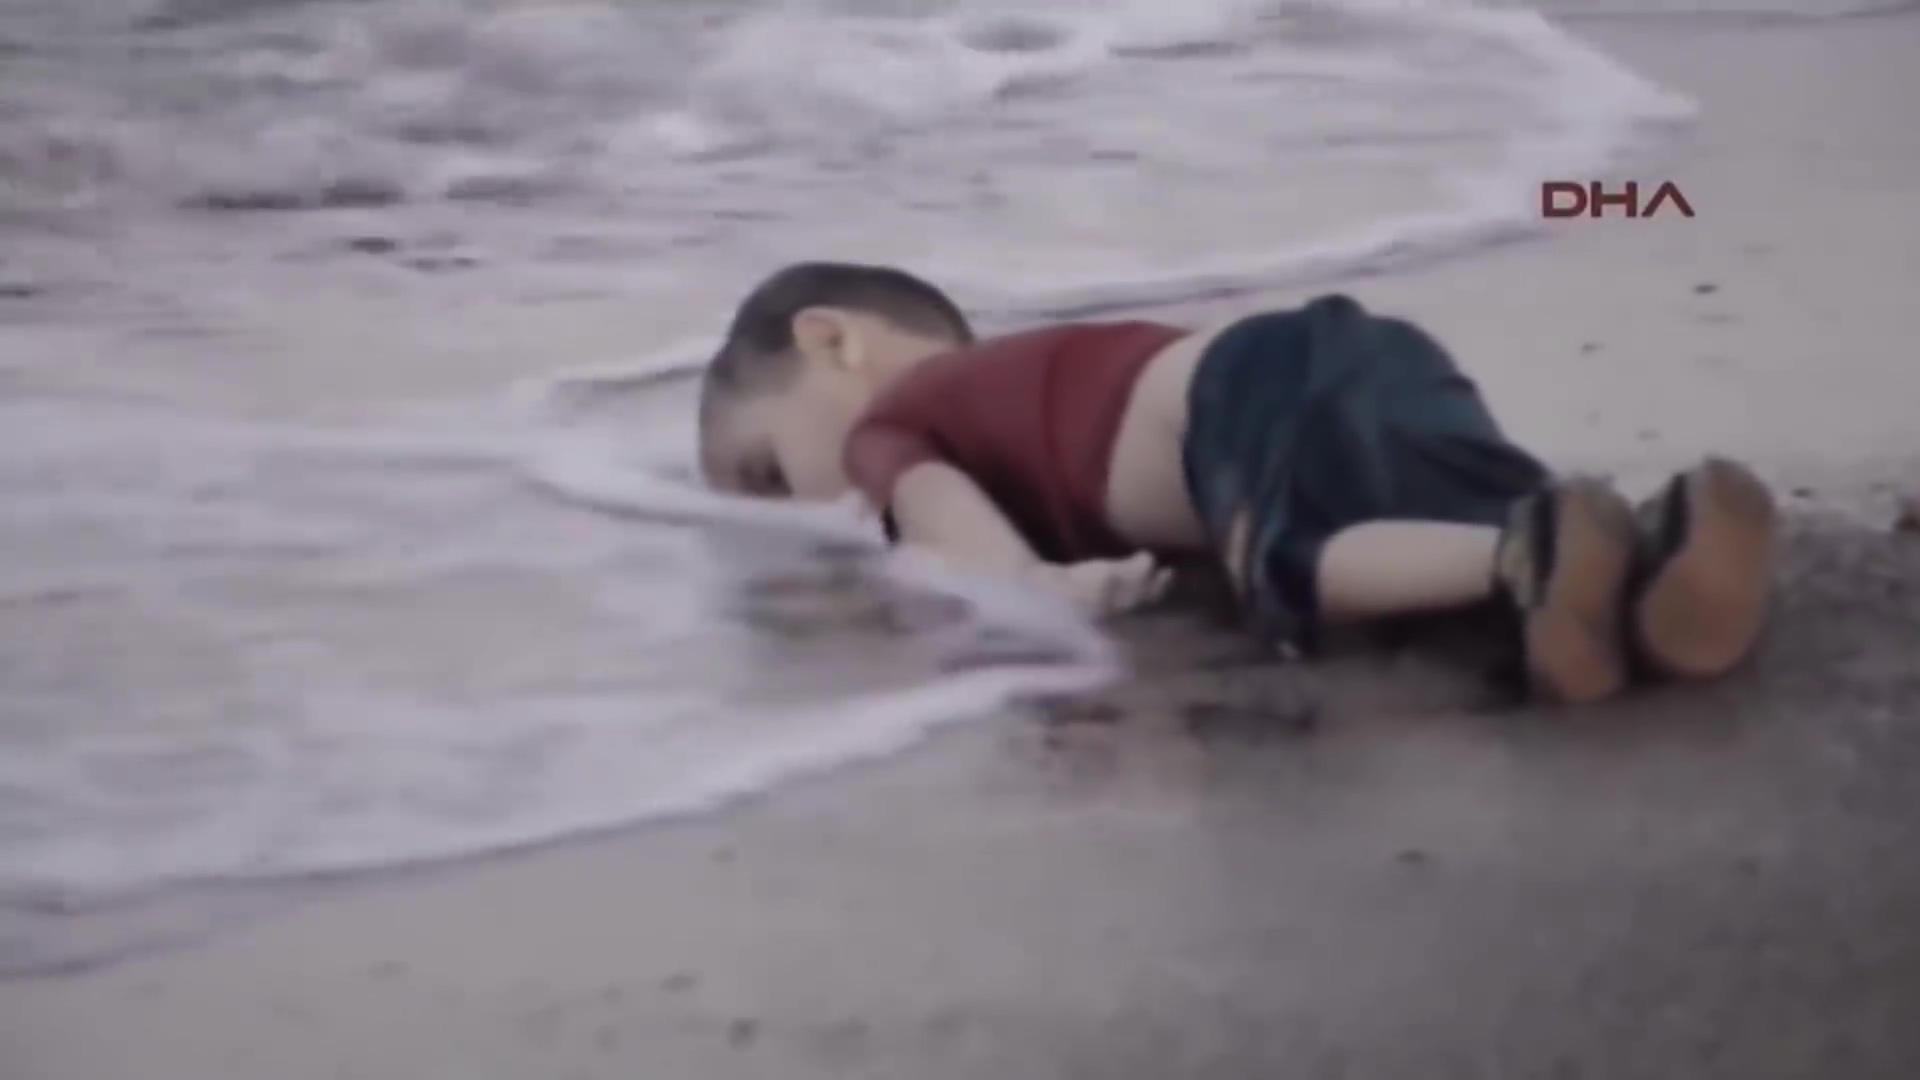 گزارش مشرق؛  فریادهای دروغین از سوریه: اسناد حمایت آمریکا از تروریسم +دانلود مستند